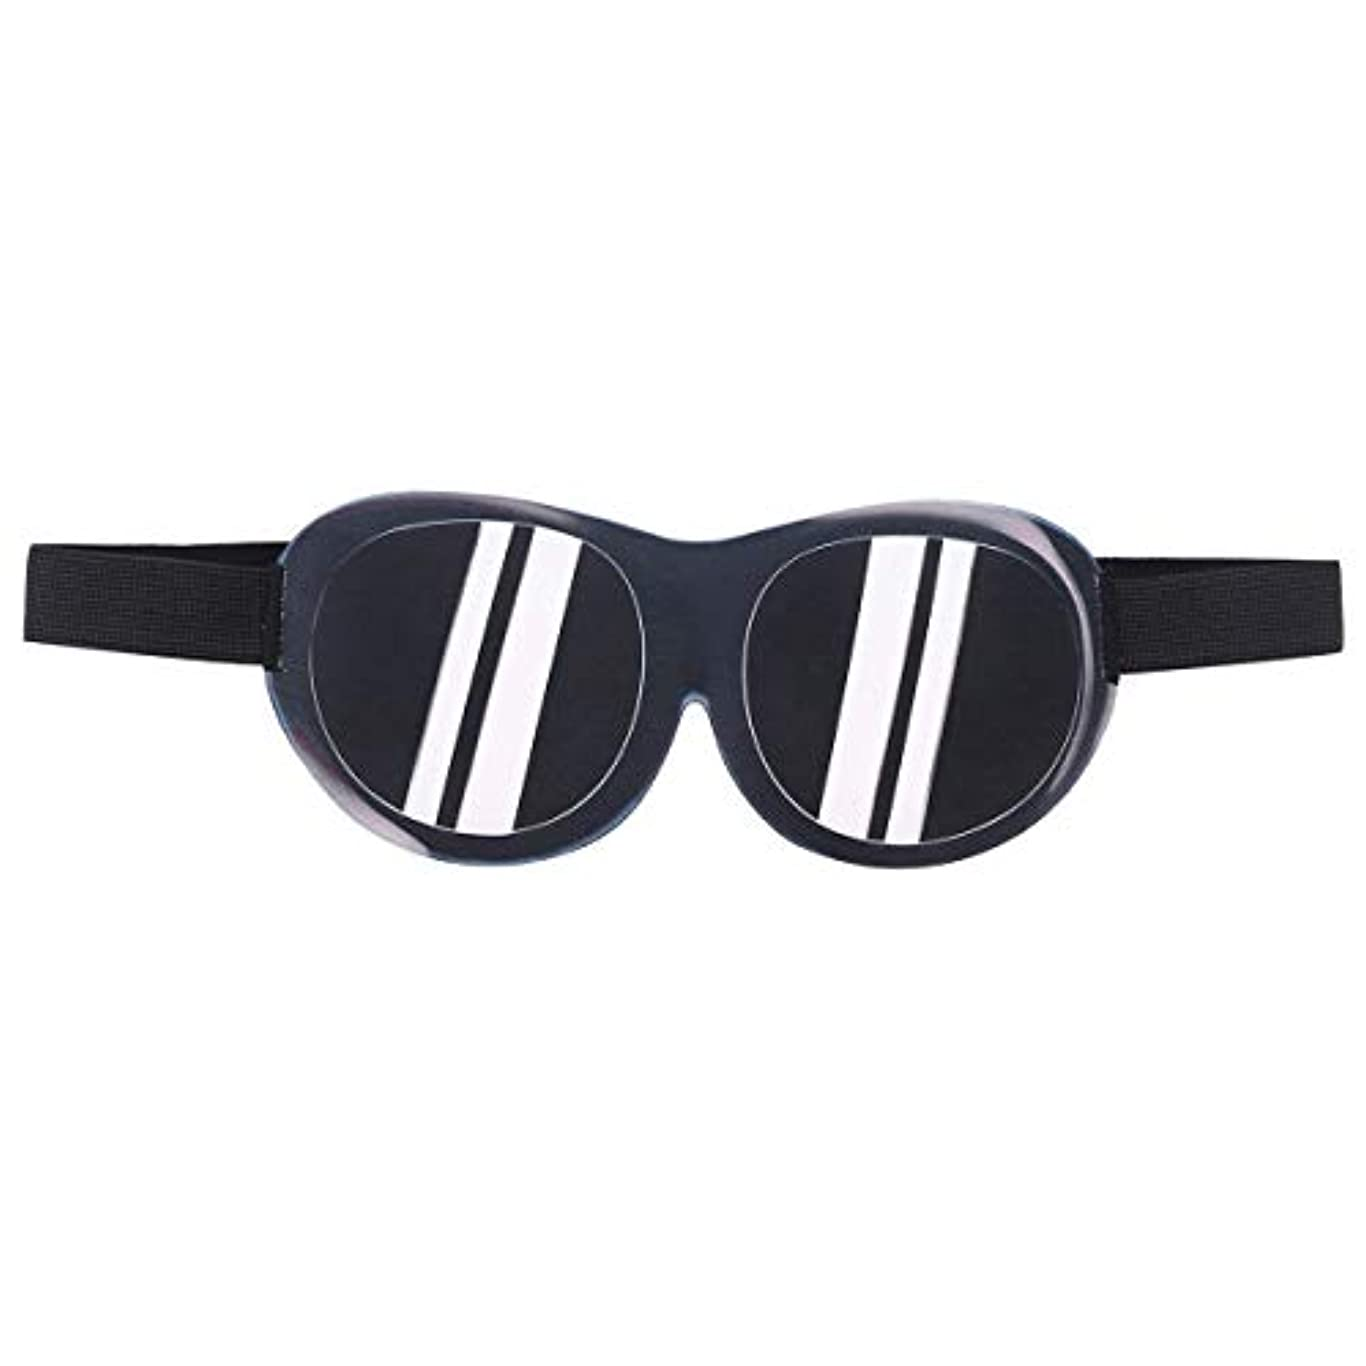 Healifty 睡眠目隠し3D面白いアイシェード通気性睡眠マスク旅行睡眠ヘルパーアイシェード用男性と女性